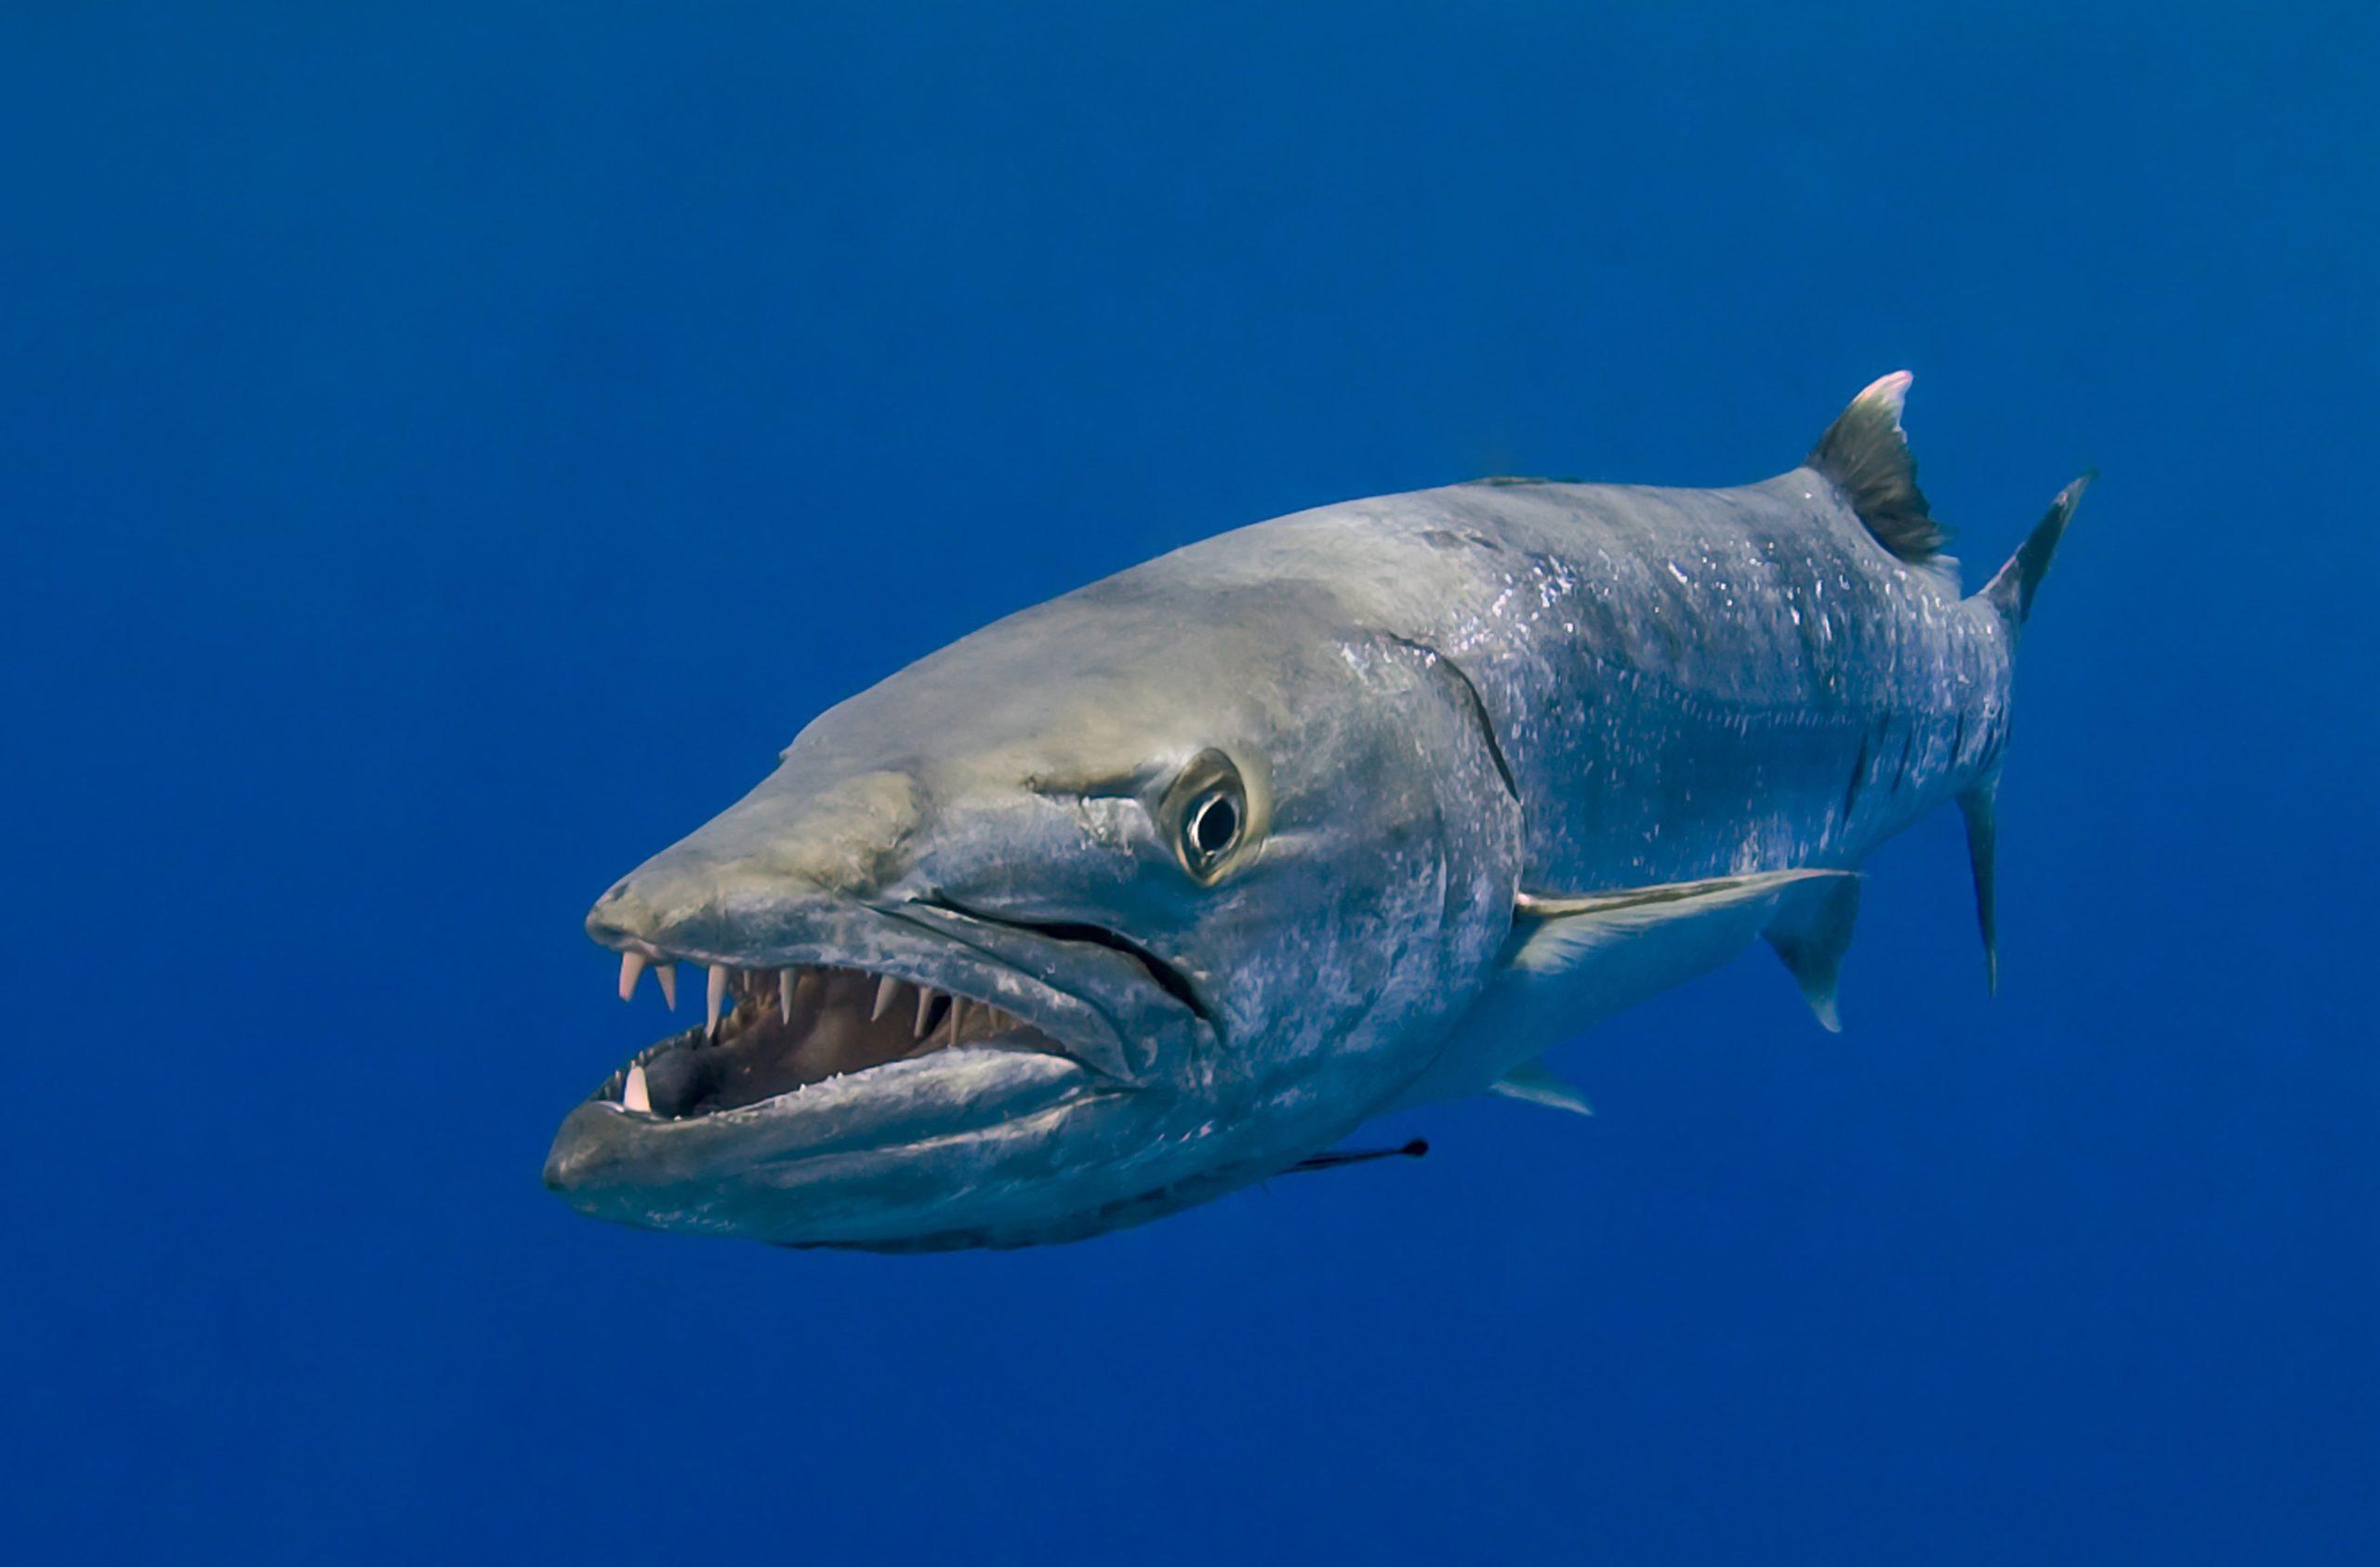 Barakuda zaútočí na malého žraloka. Takovou rychlost byste nečekali